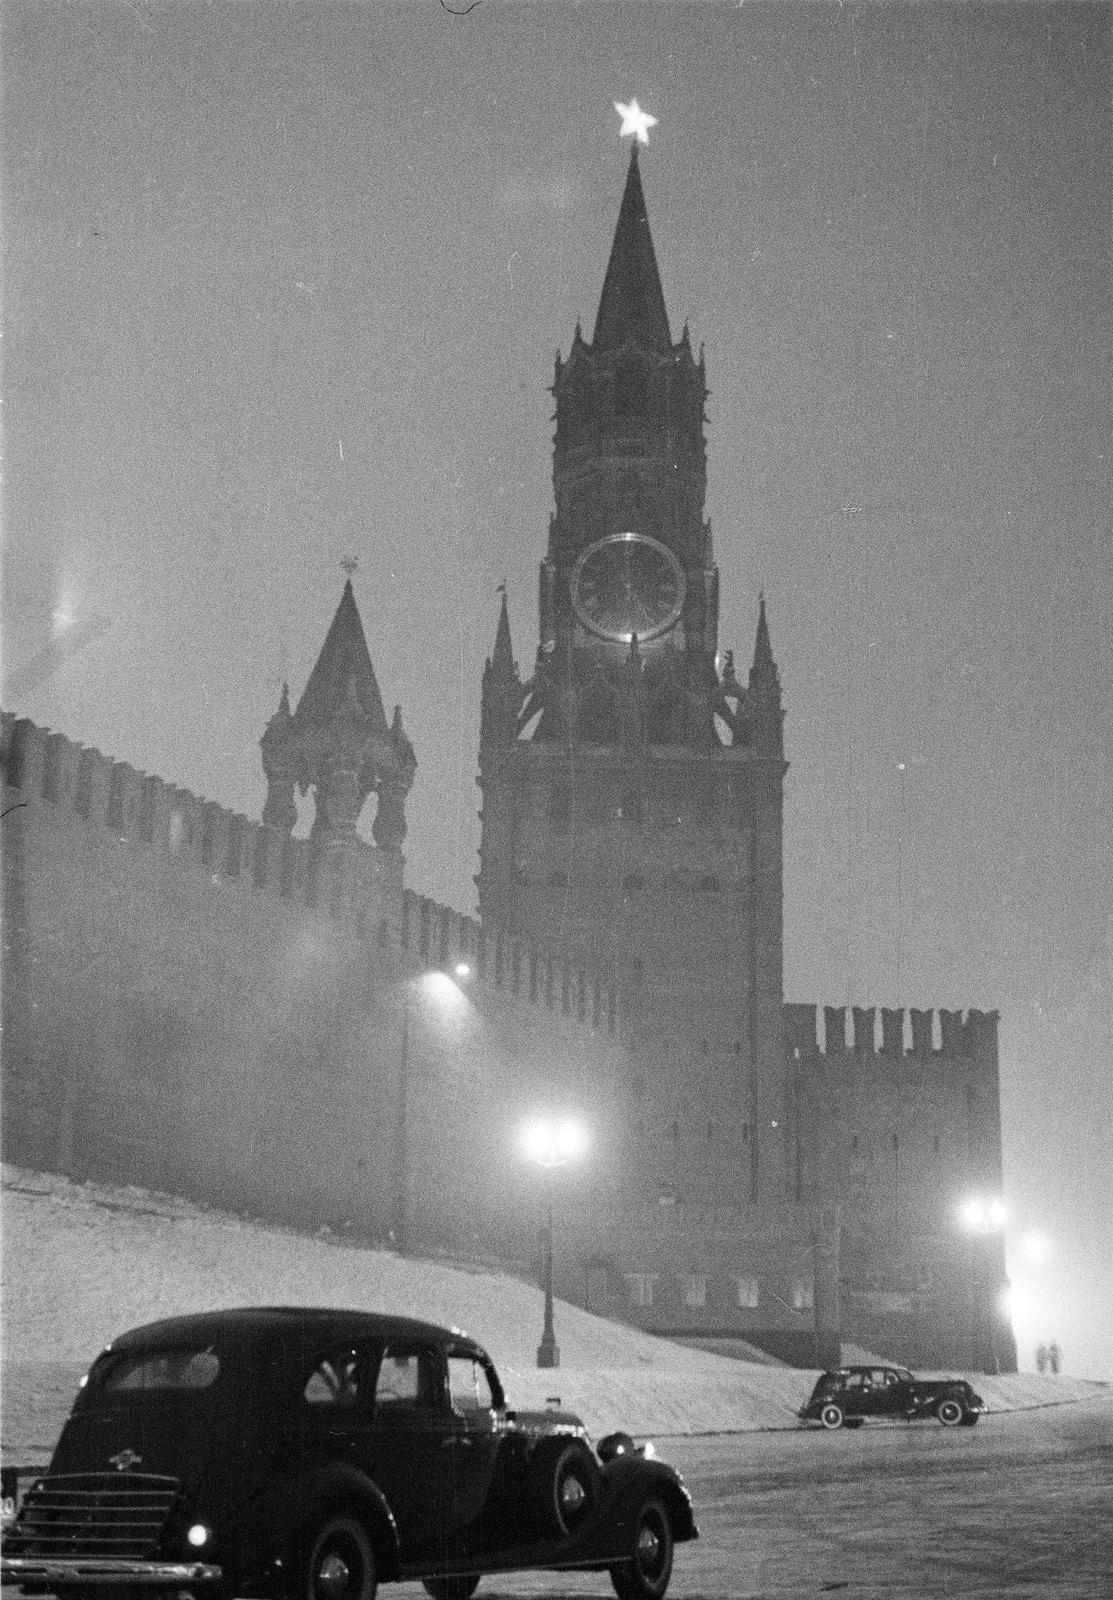 1938. Спасская башня Кремля. Зима